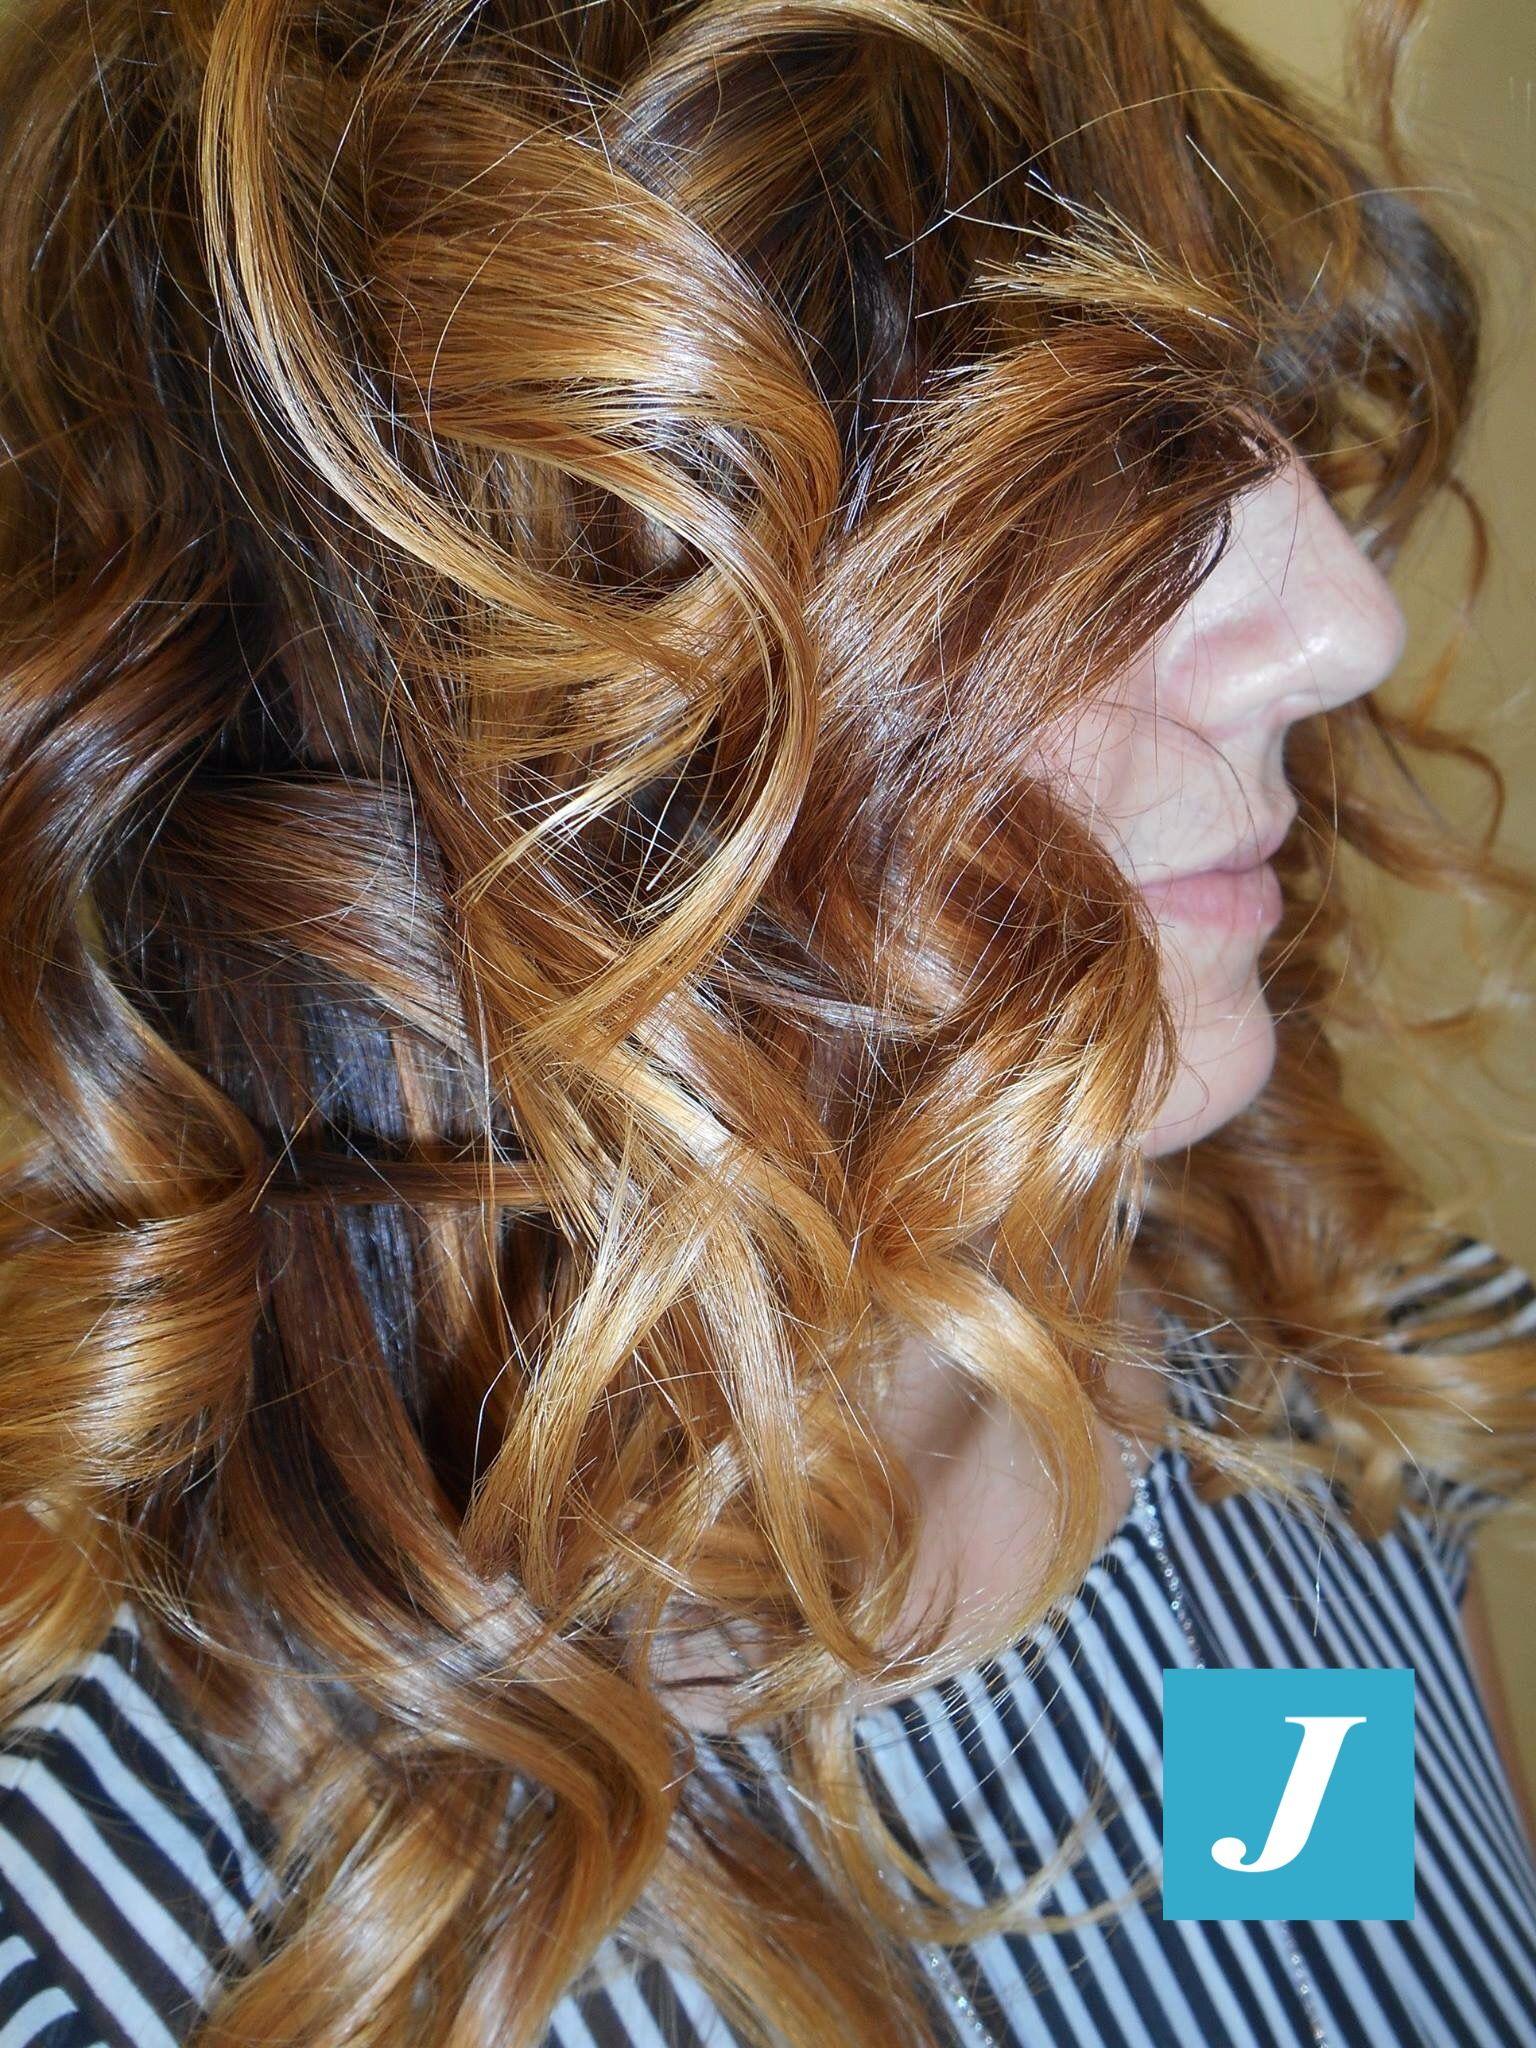 Sfumature di Degradé Joelle. #cdj #degradejoelle #tagliopuntearia #degradé #igers #naturalshades #hair #hairstyle #haircolour #haircut #longhair #style #hairfashion